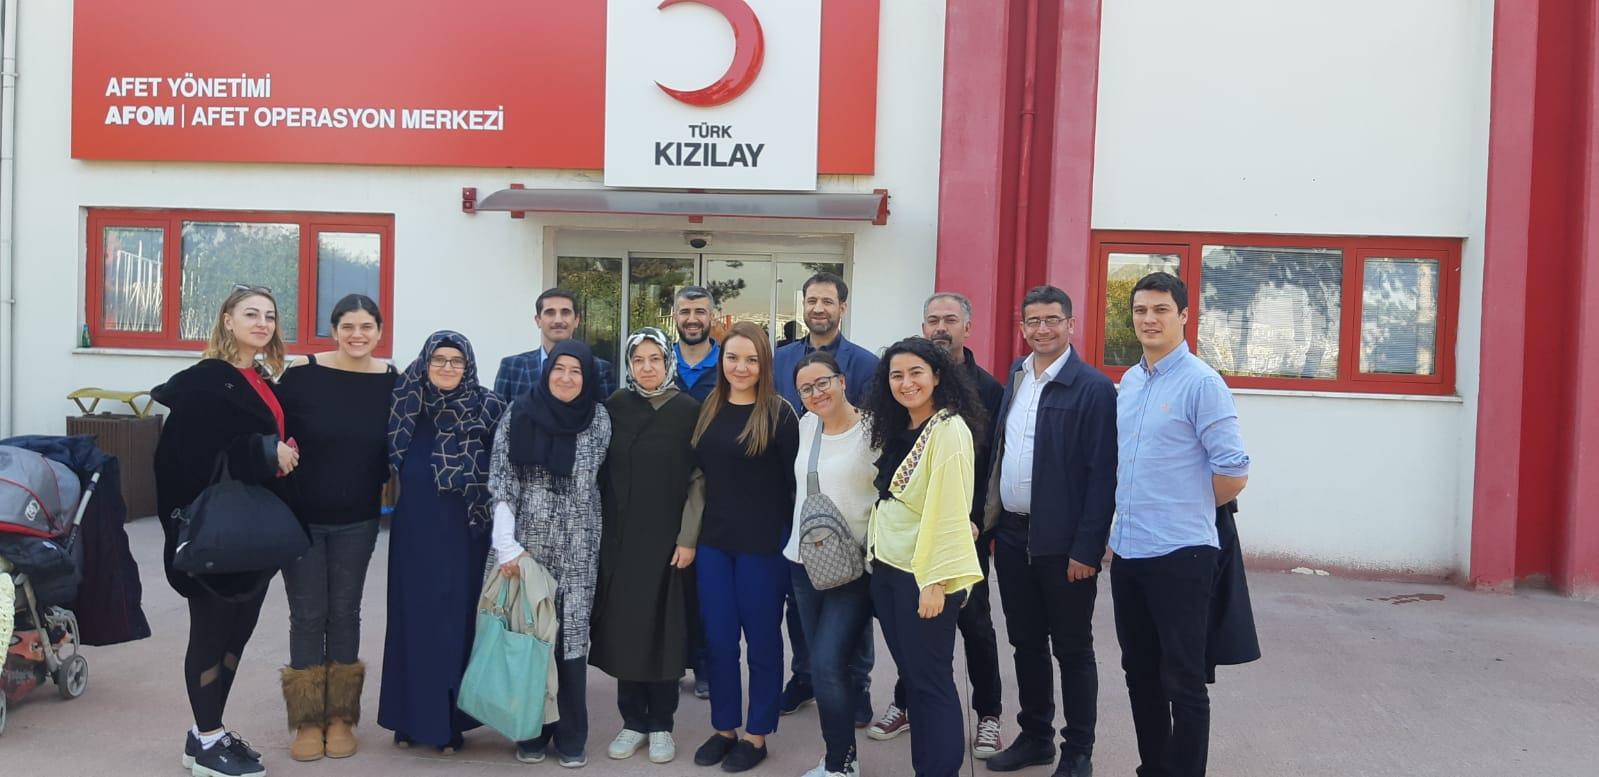 DSİF Gençlik Meclis Olarak Türk Kızılay Seminerde.